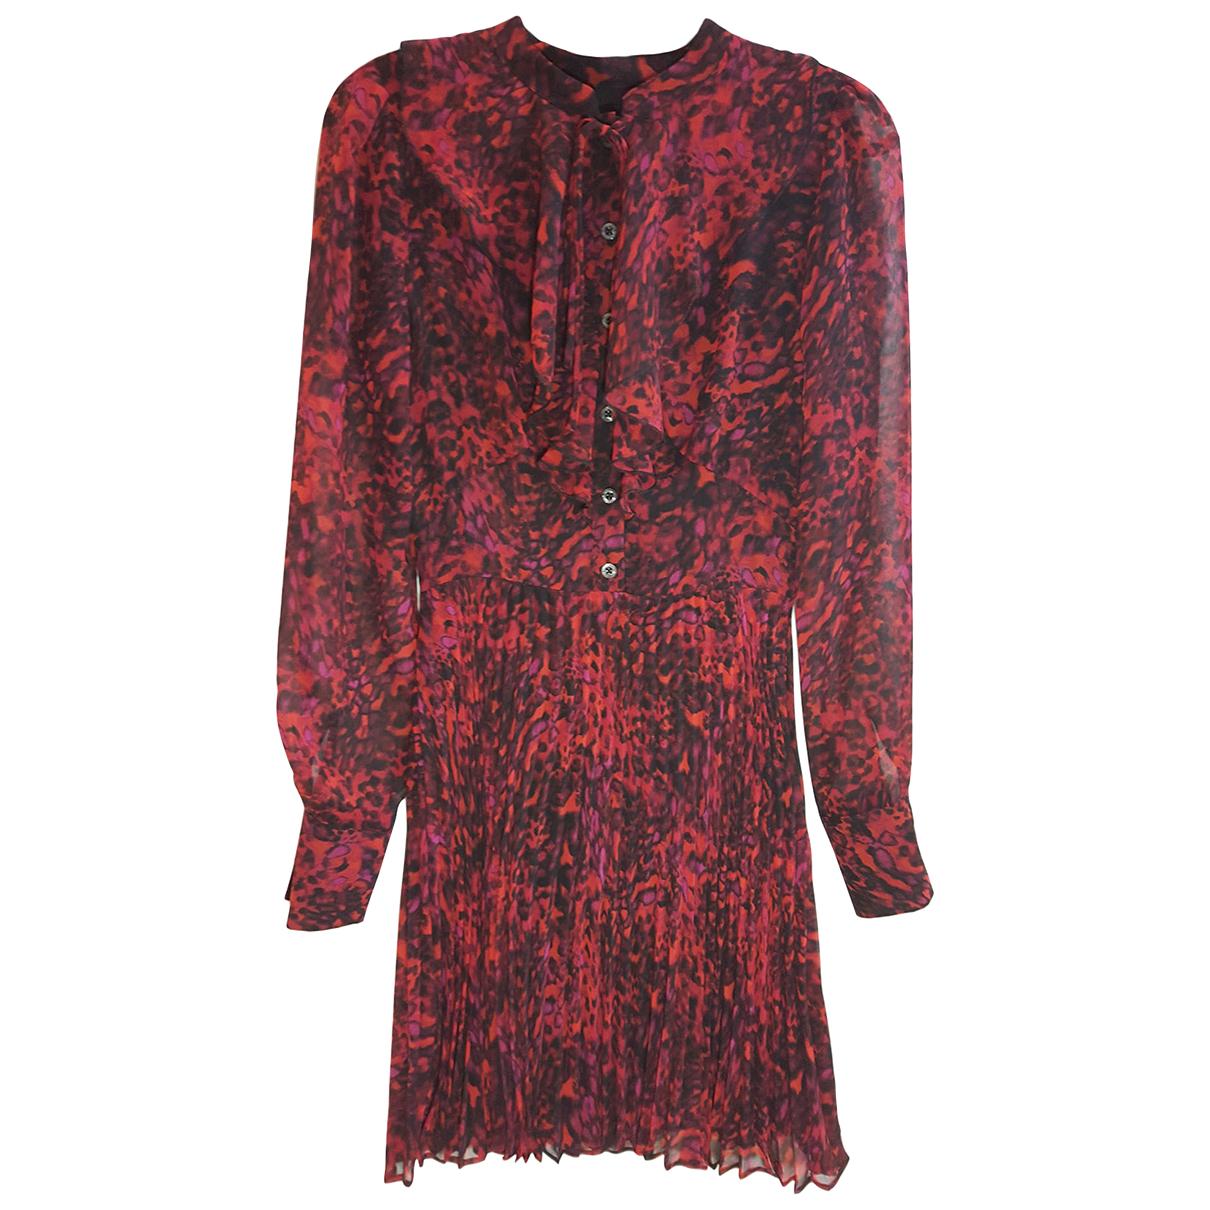 Karen Millen \N Kleid in  Bordeauxrot Polyester